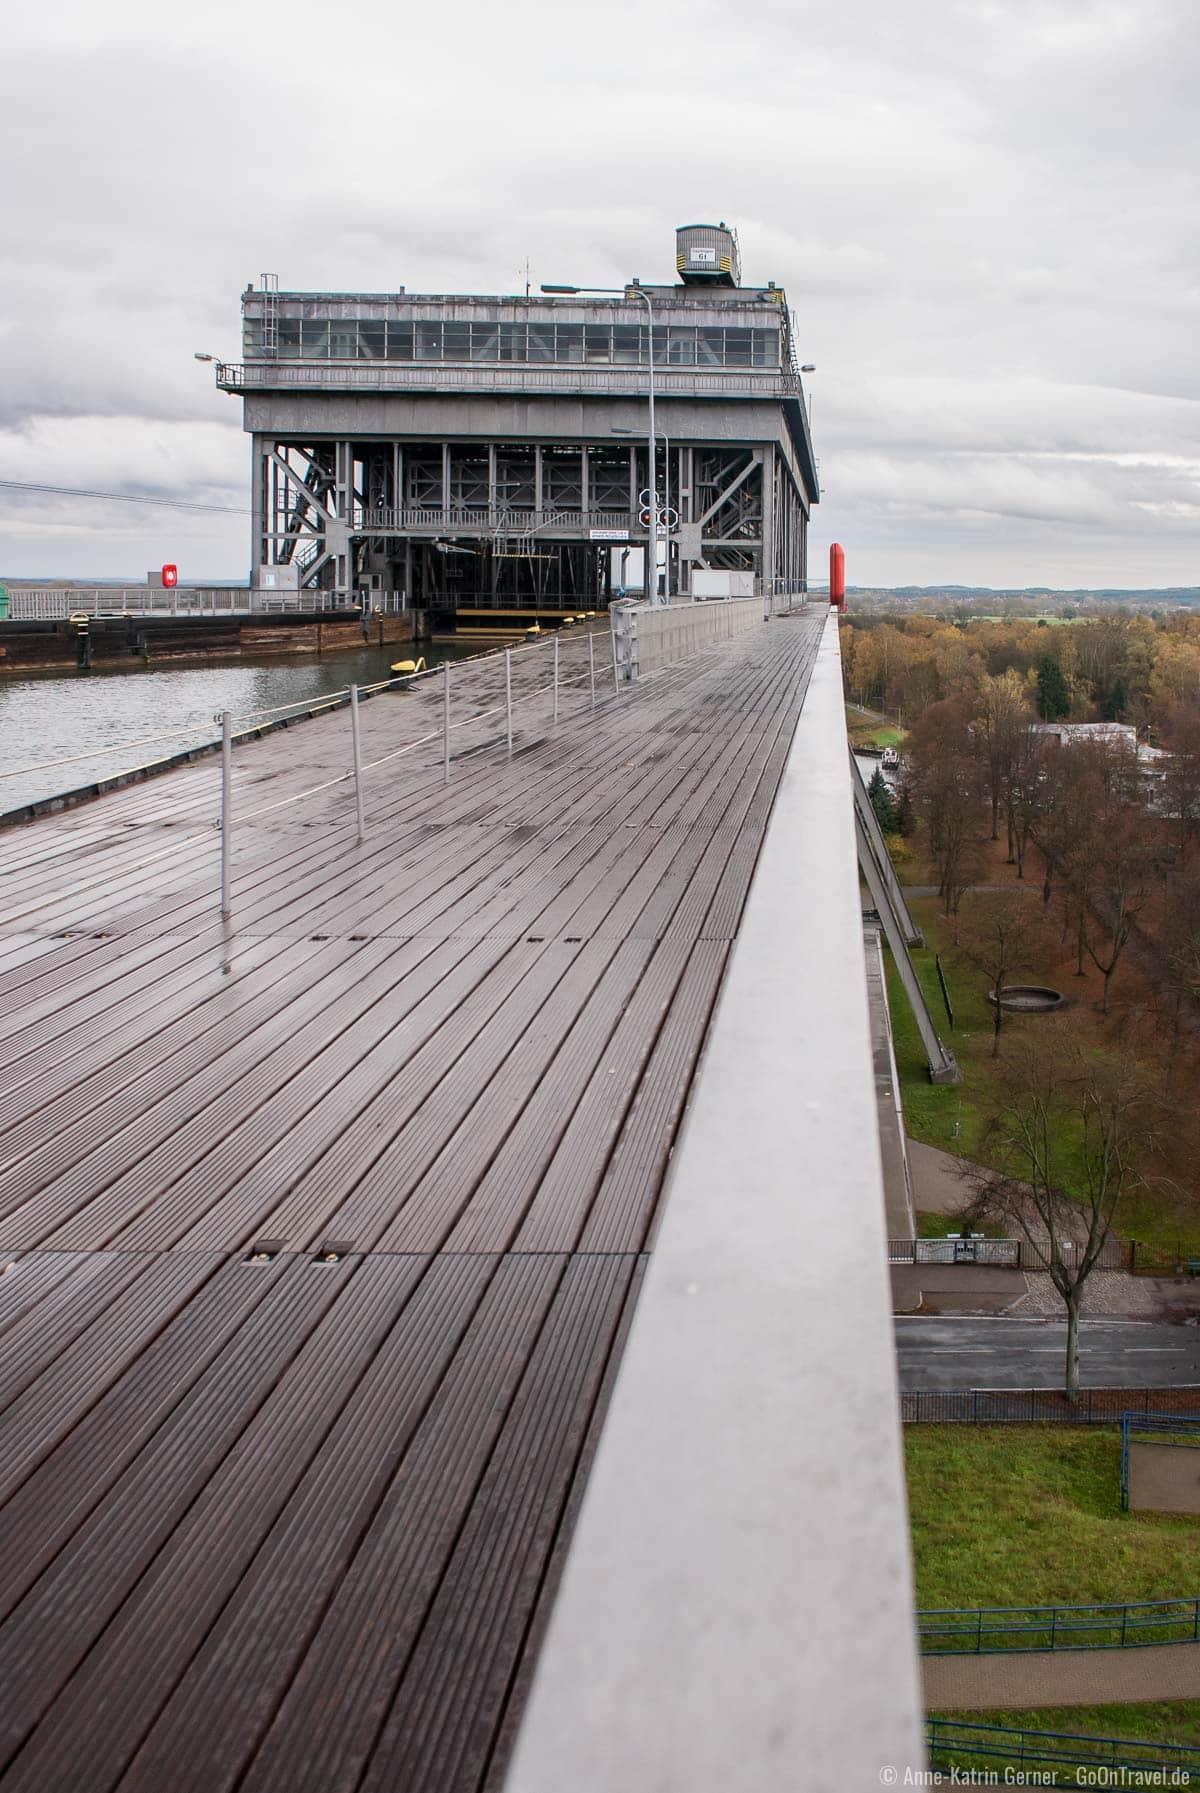 Einfahrt ins Schiffshebewerk vom Oder-Havel-Kanal